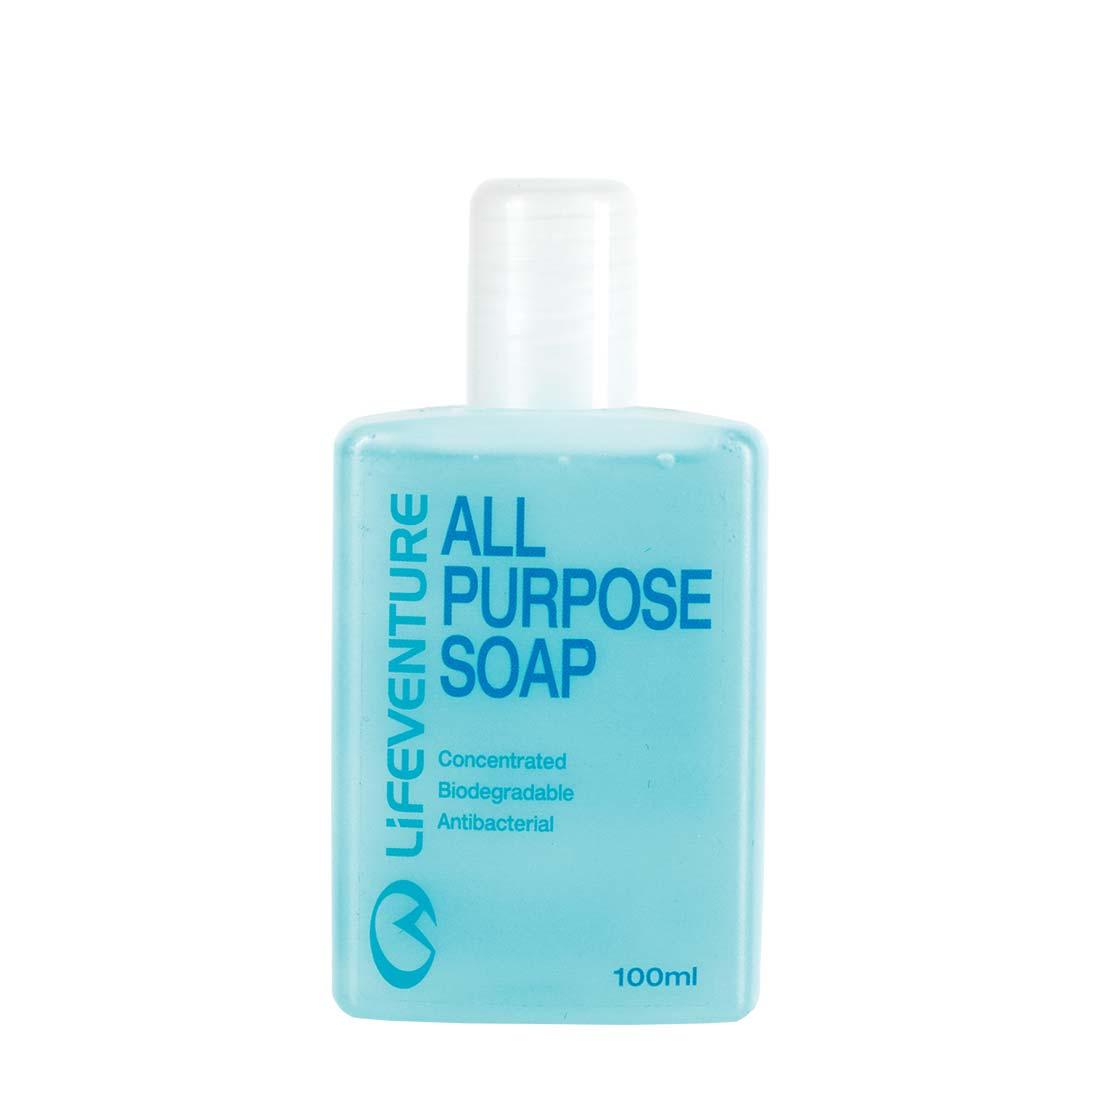 All Purpose Soap (100ml)